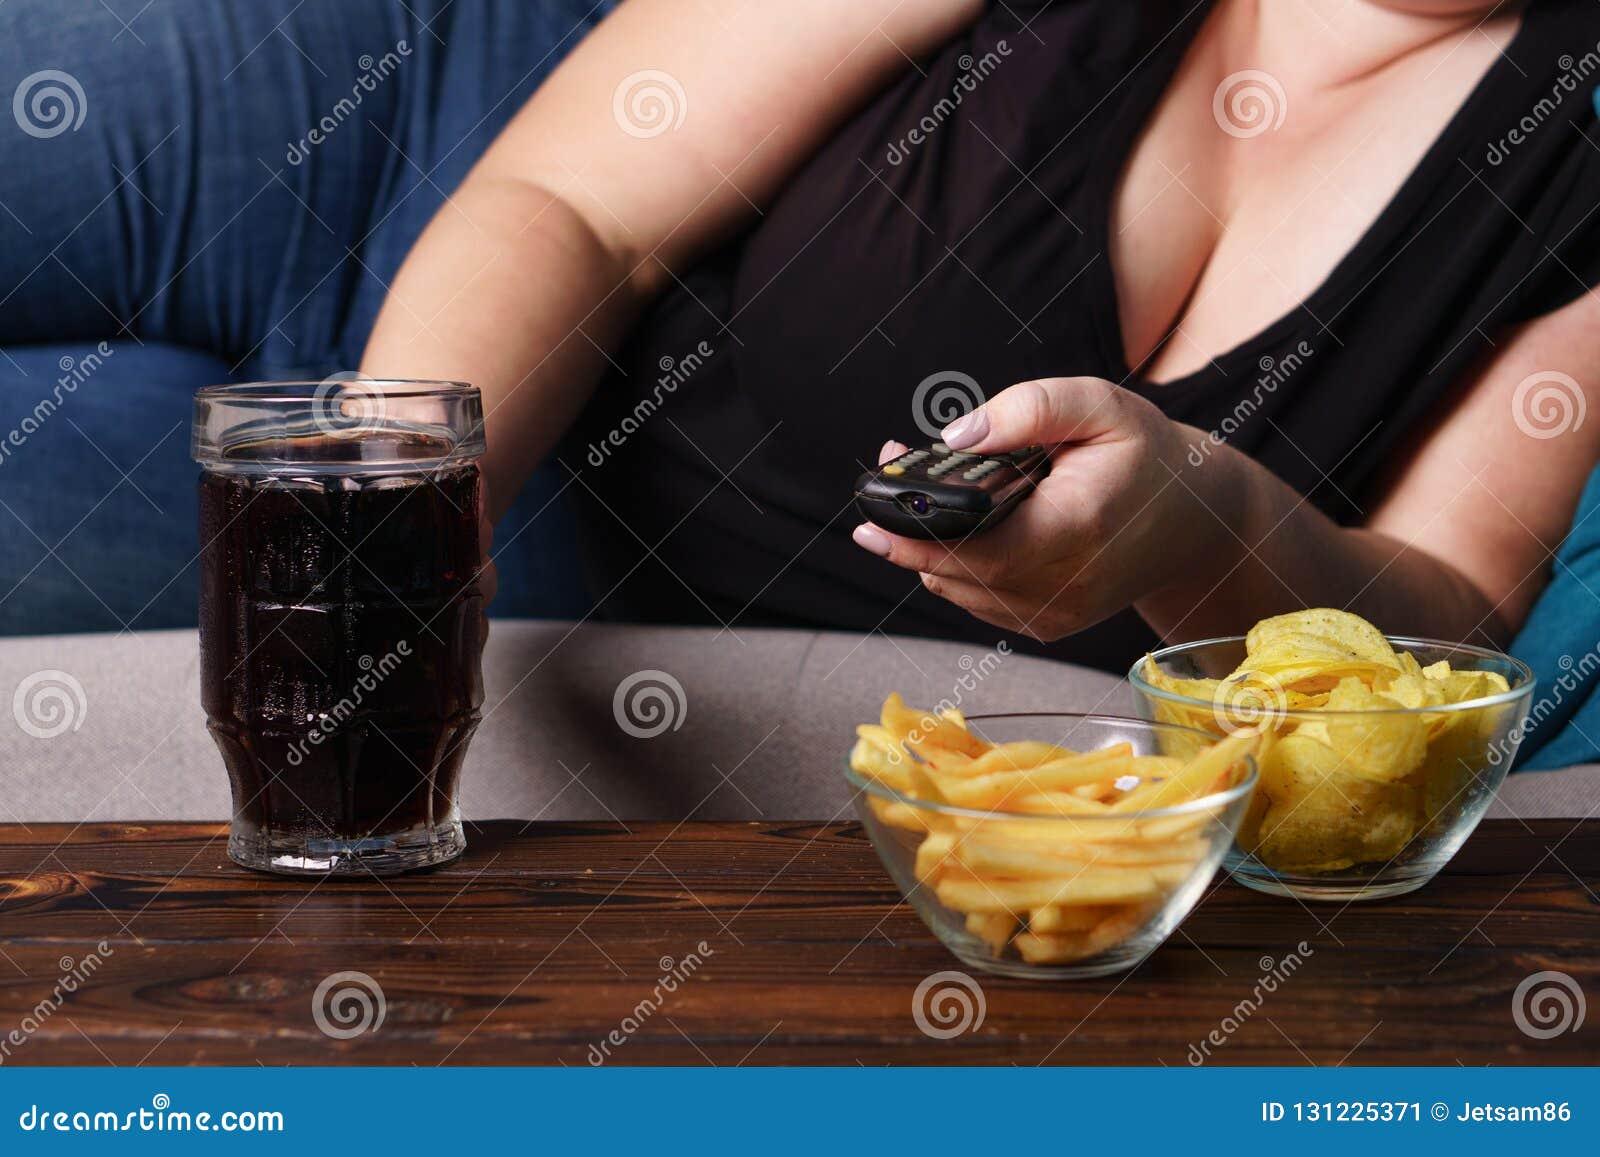 Przejadający się, sedentarny styl życia, alkoholu nałóg